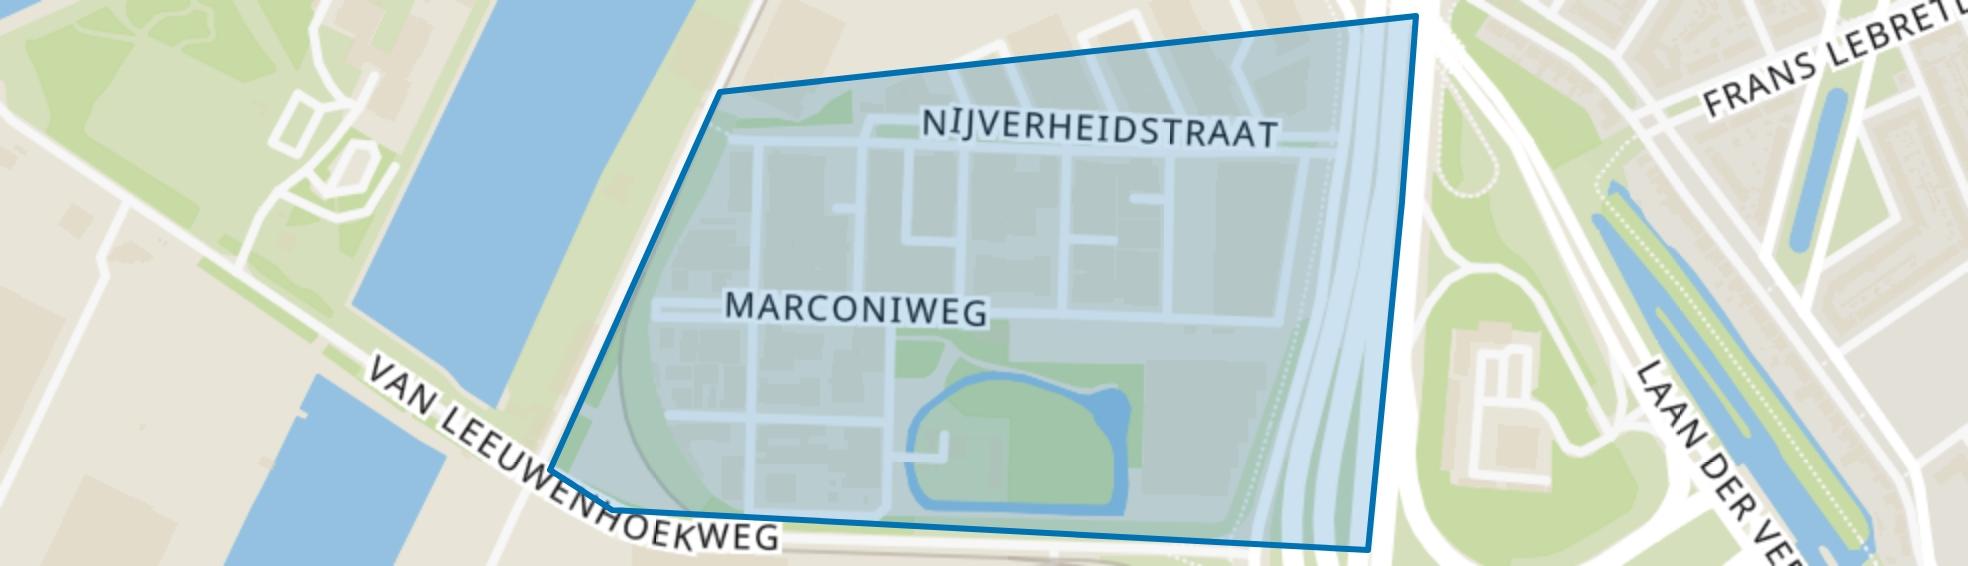 Louterbloemen, Dordrecht map